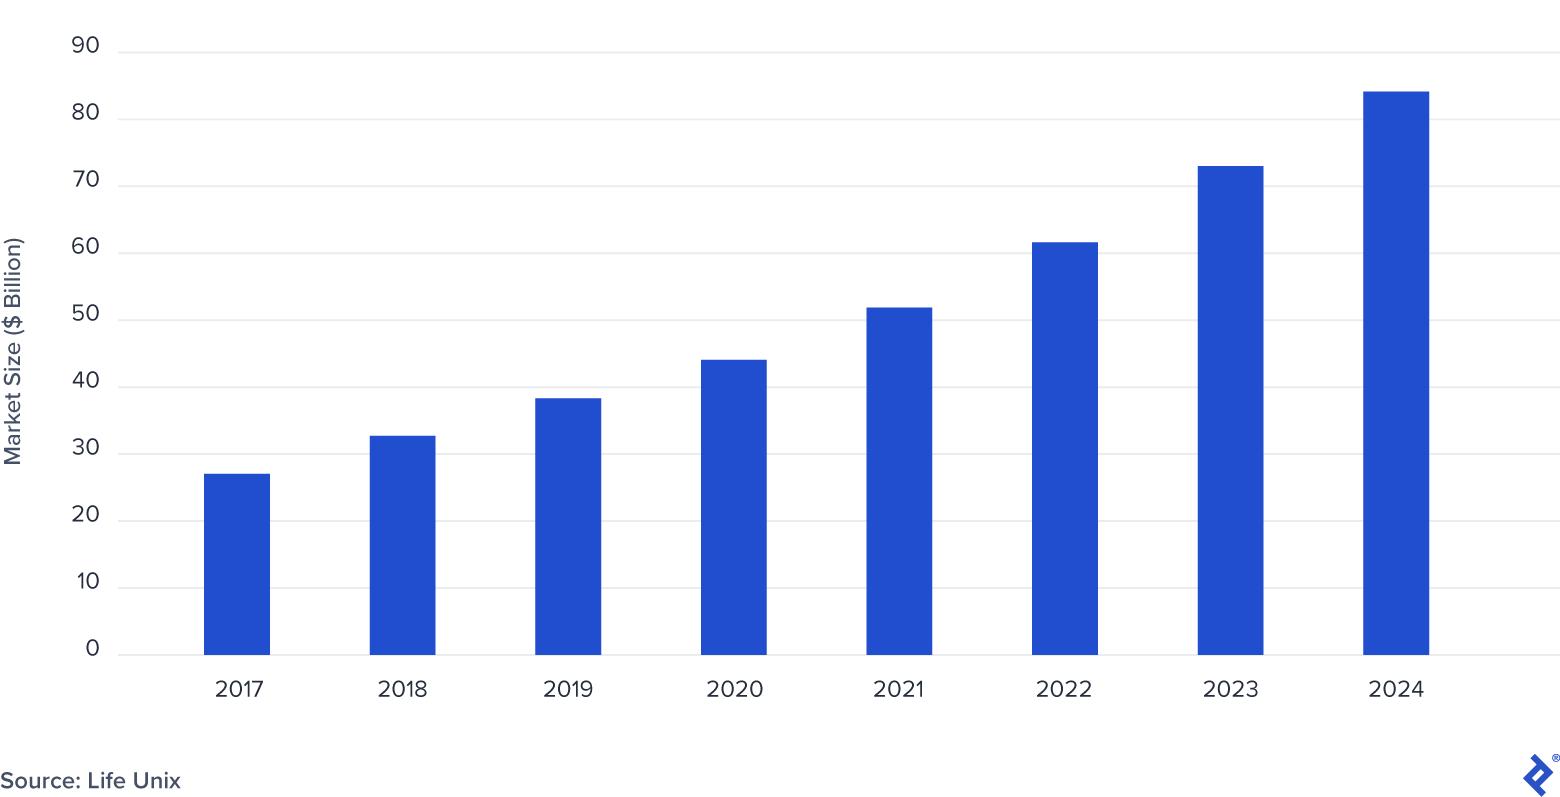 Automotive Vehicle-to-Everything Market Size: 2017-2024